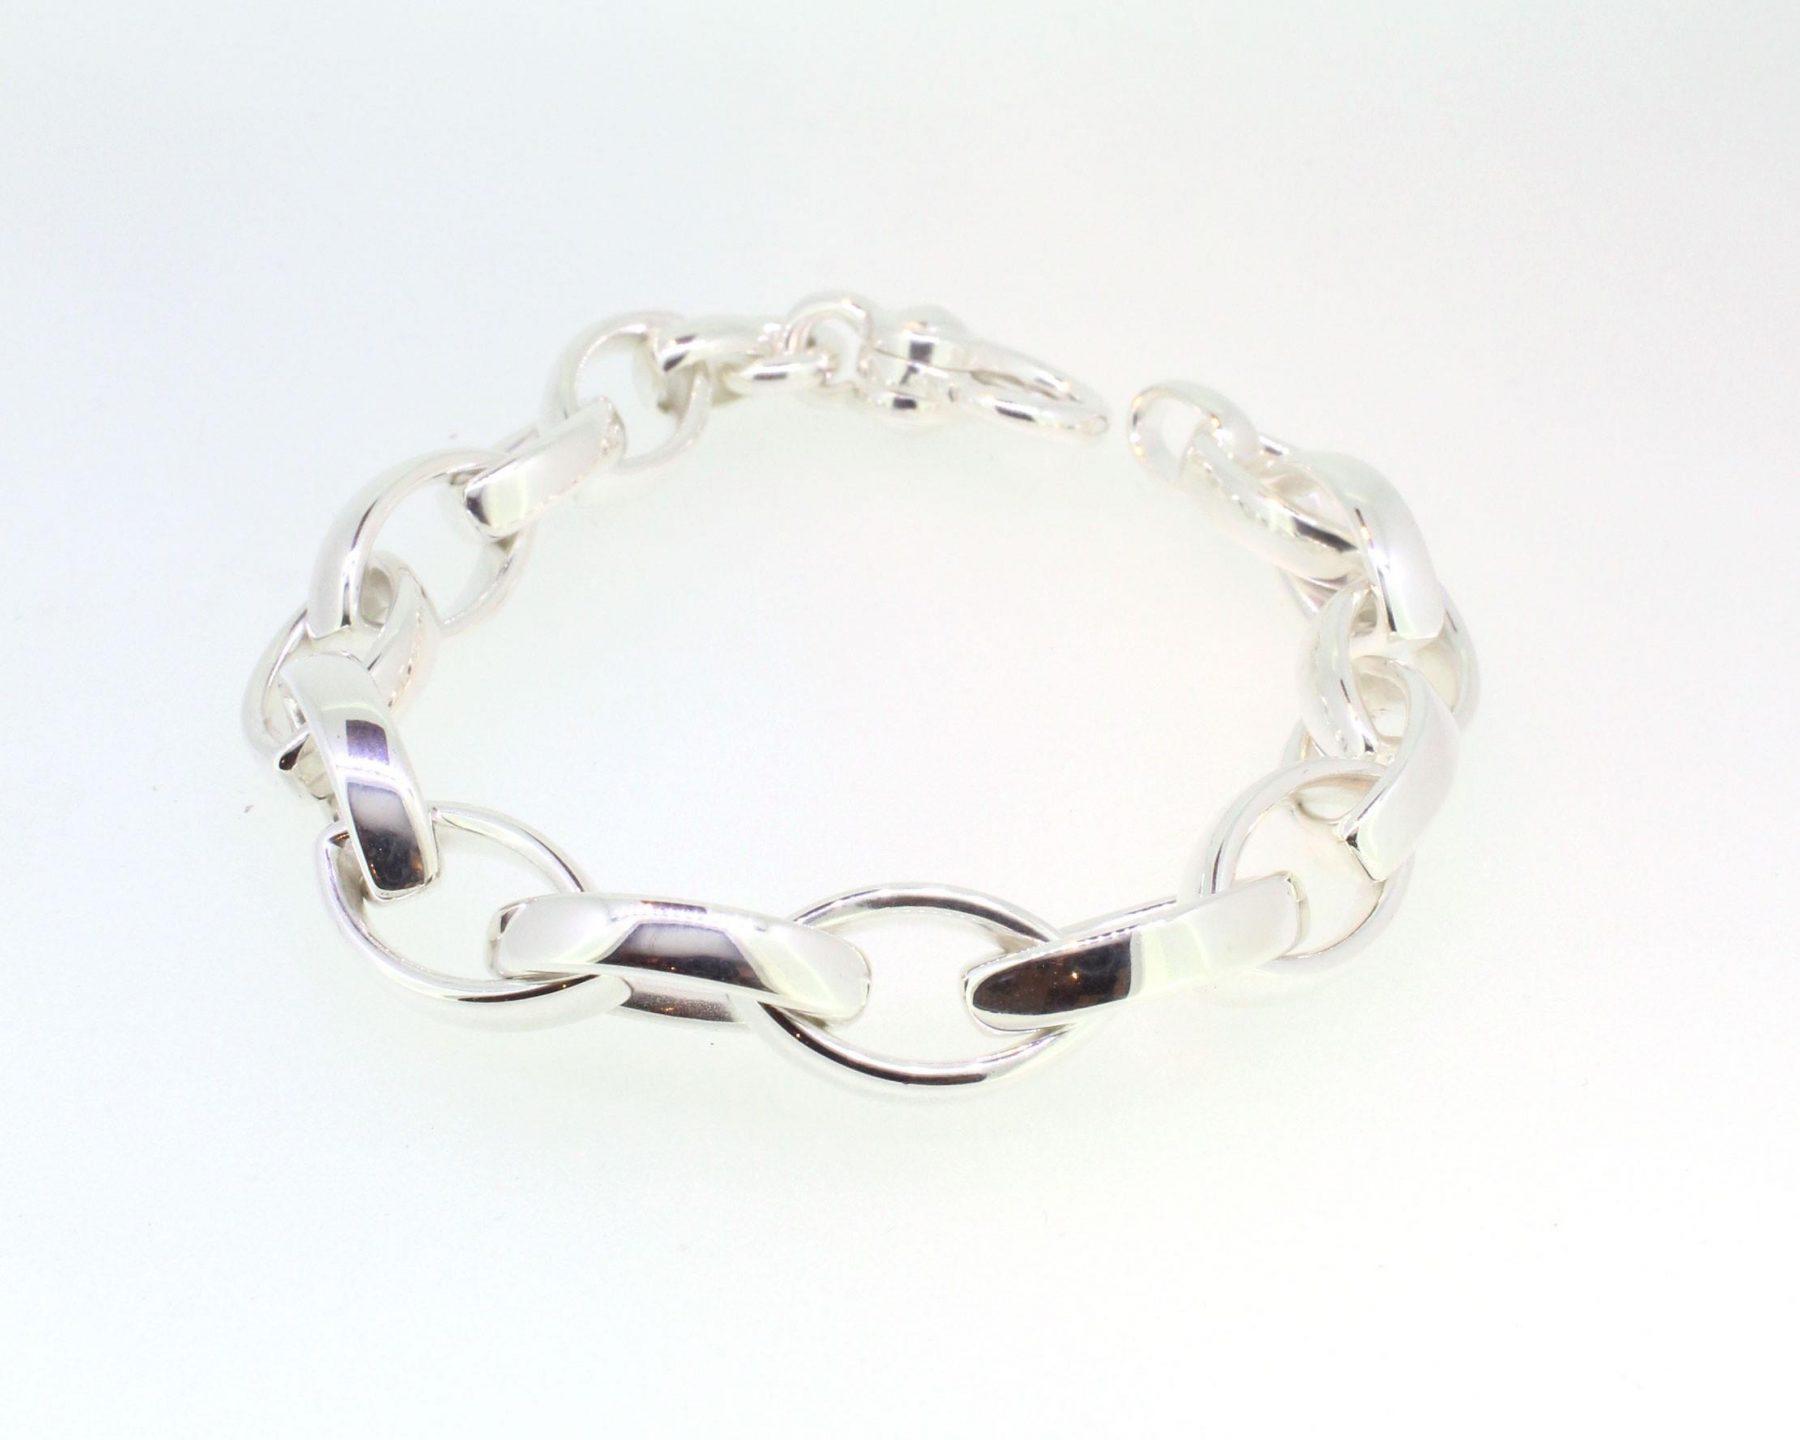 Armband Navette 925 Silber - Emil Brenk - 948.3301.20